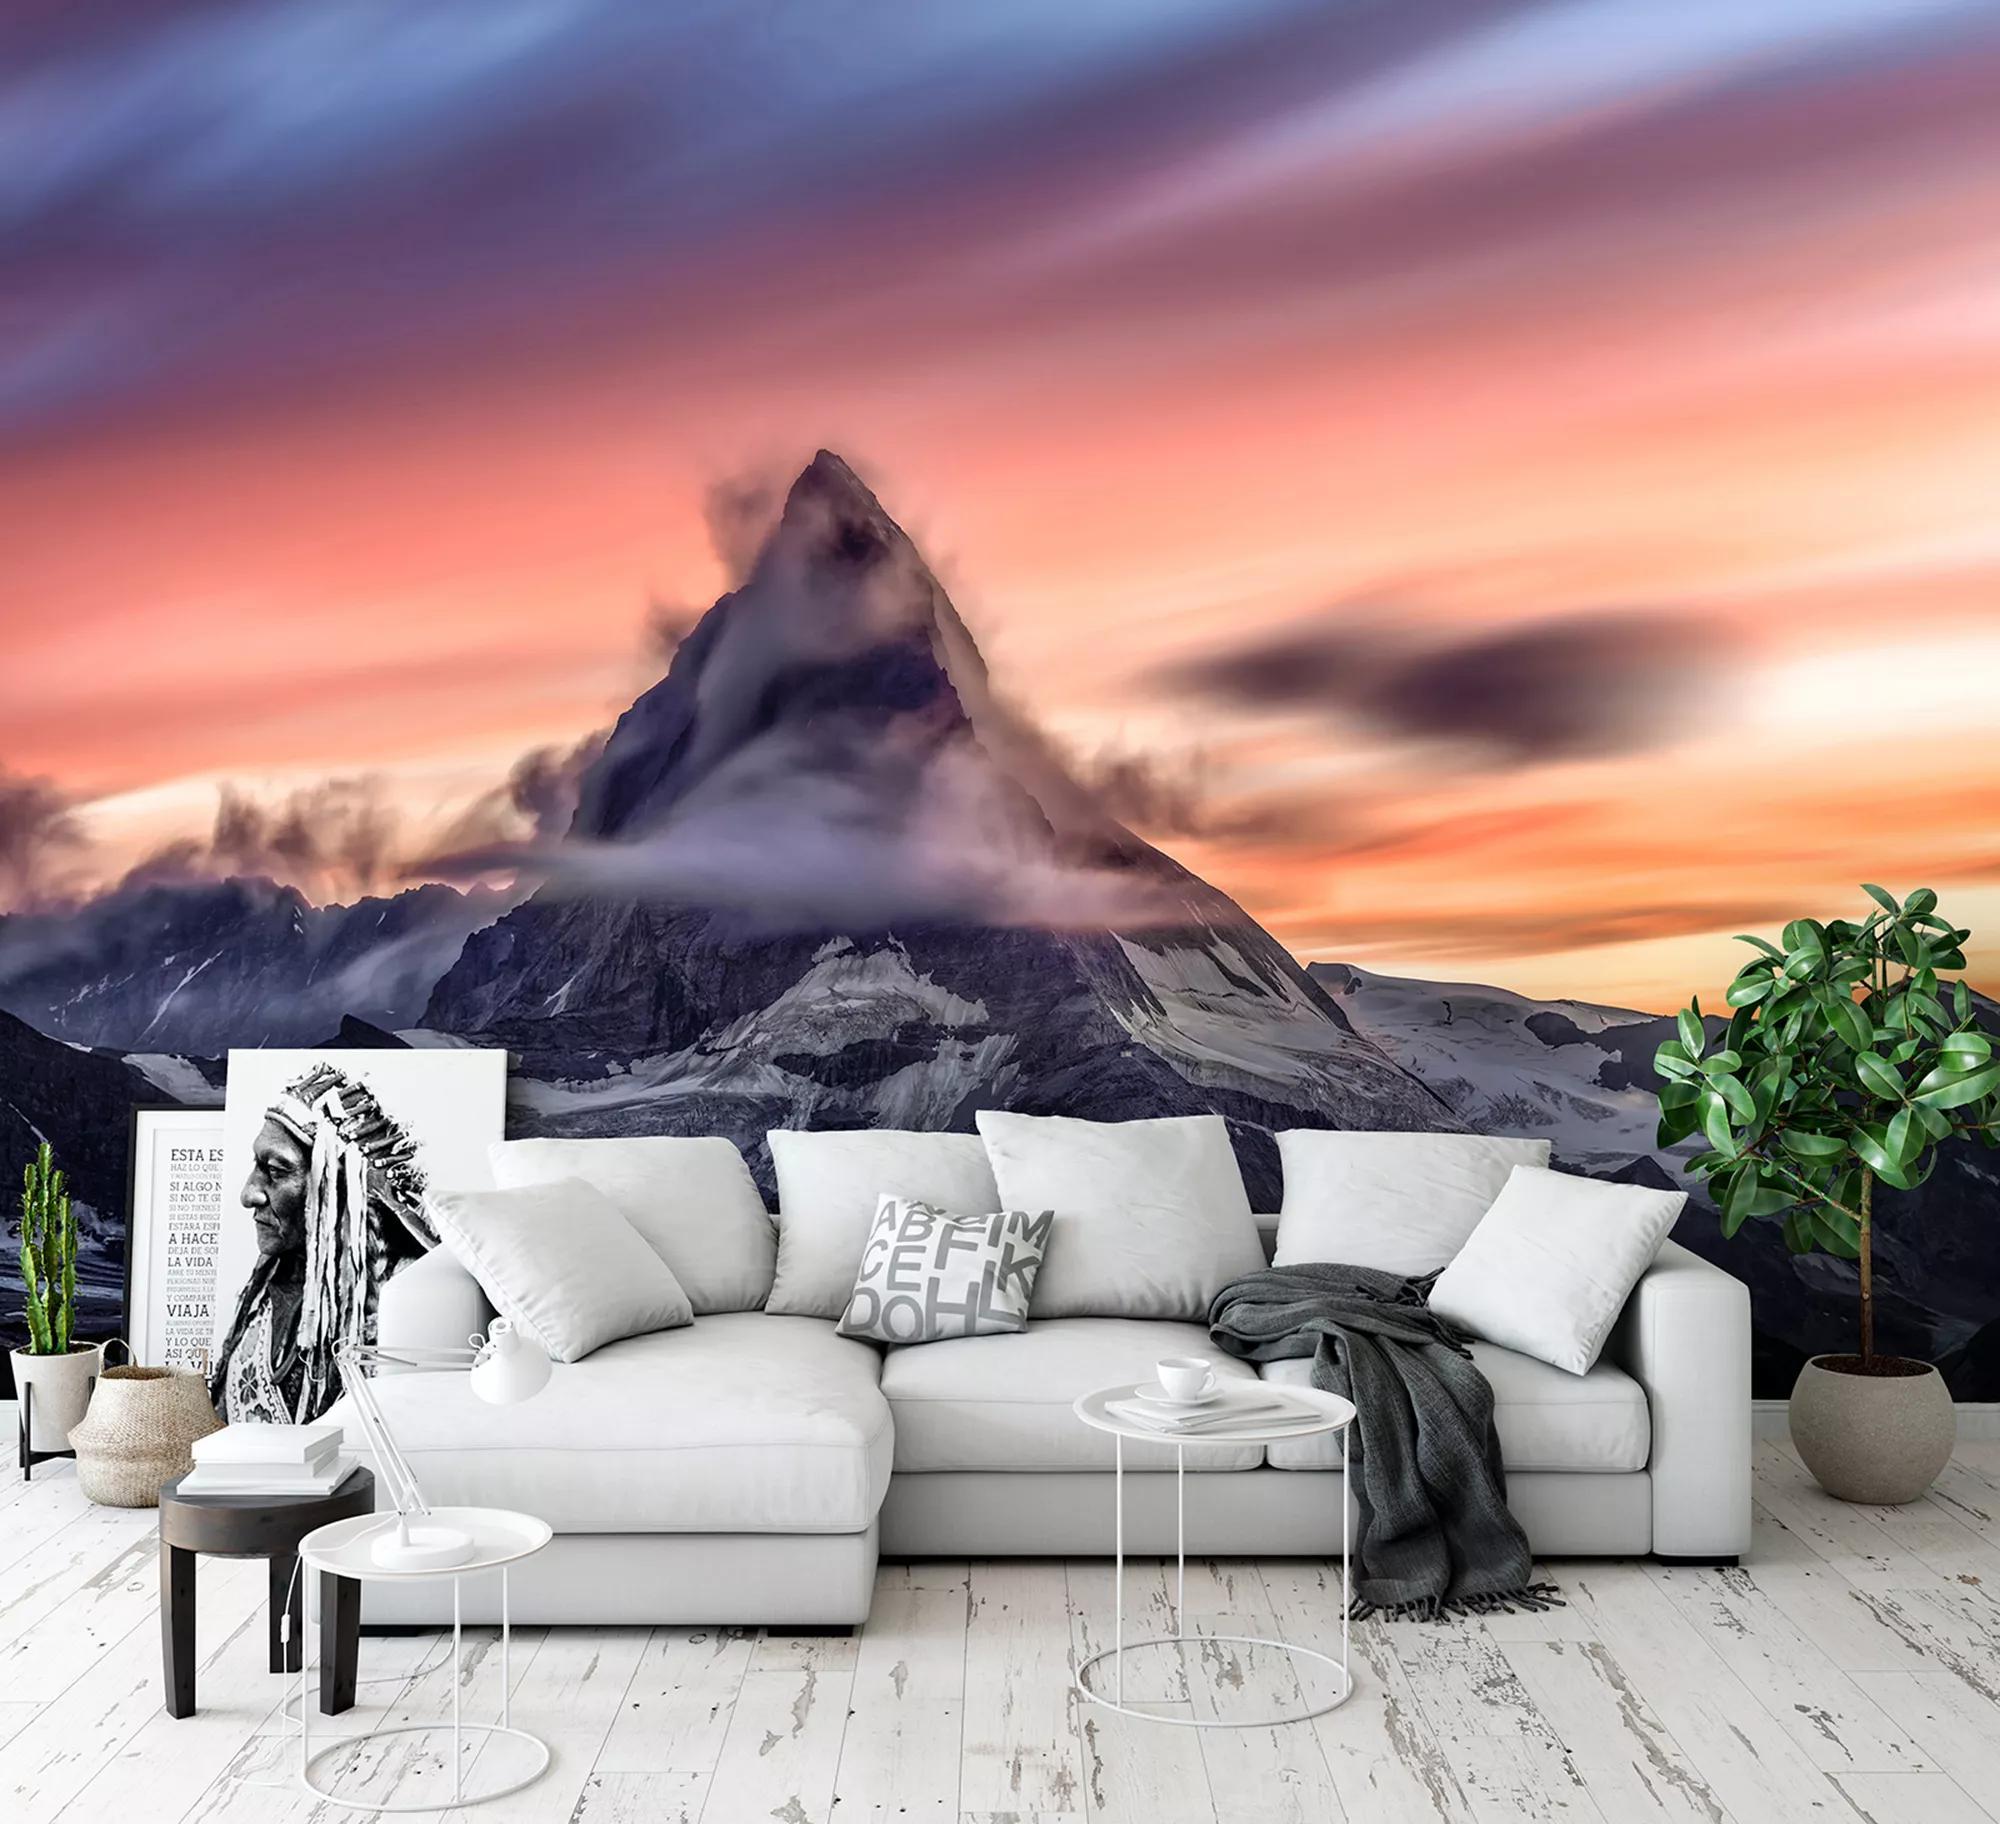 Fali poszter egy fantasztikus hegy panorámájával